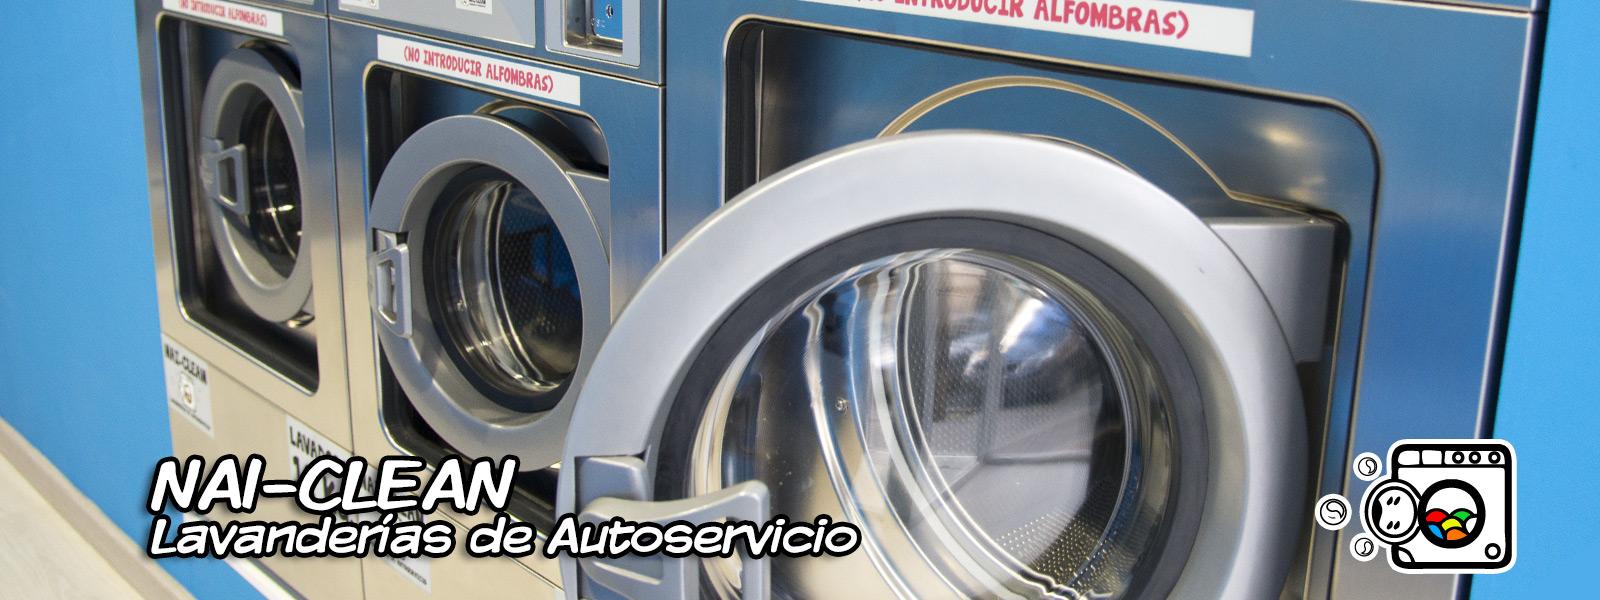 Slider NAI-CLEN Lavanderías de Autoservicio N2